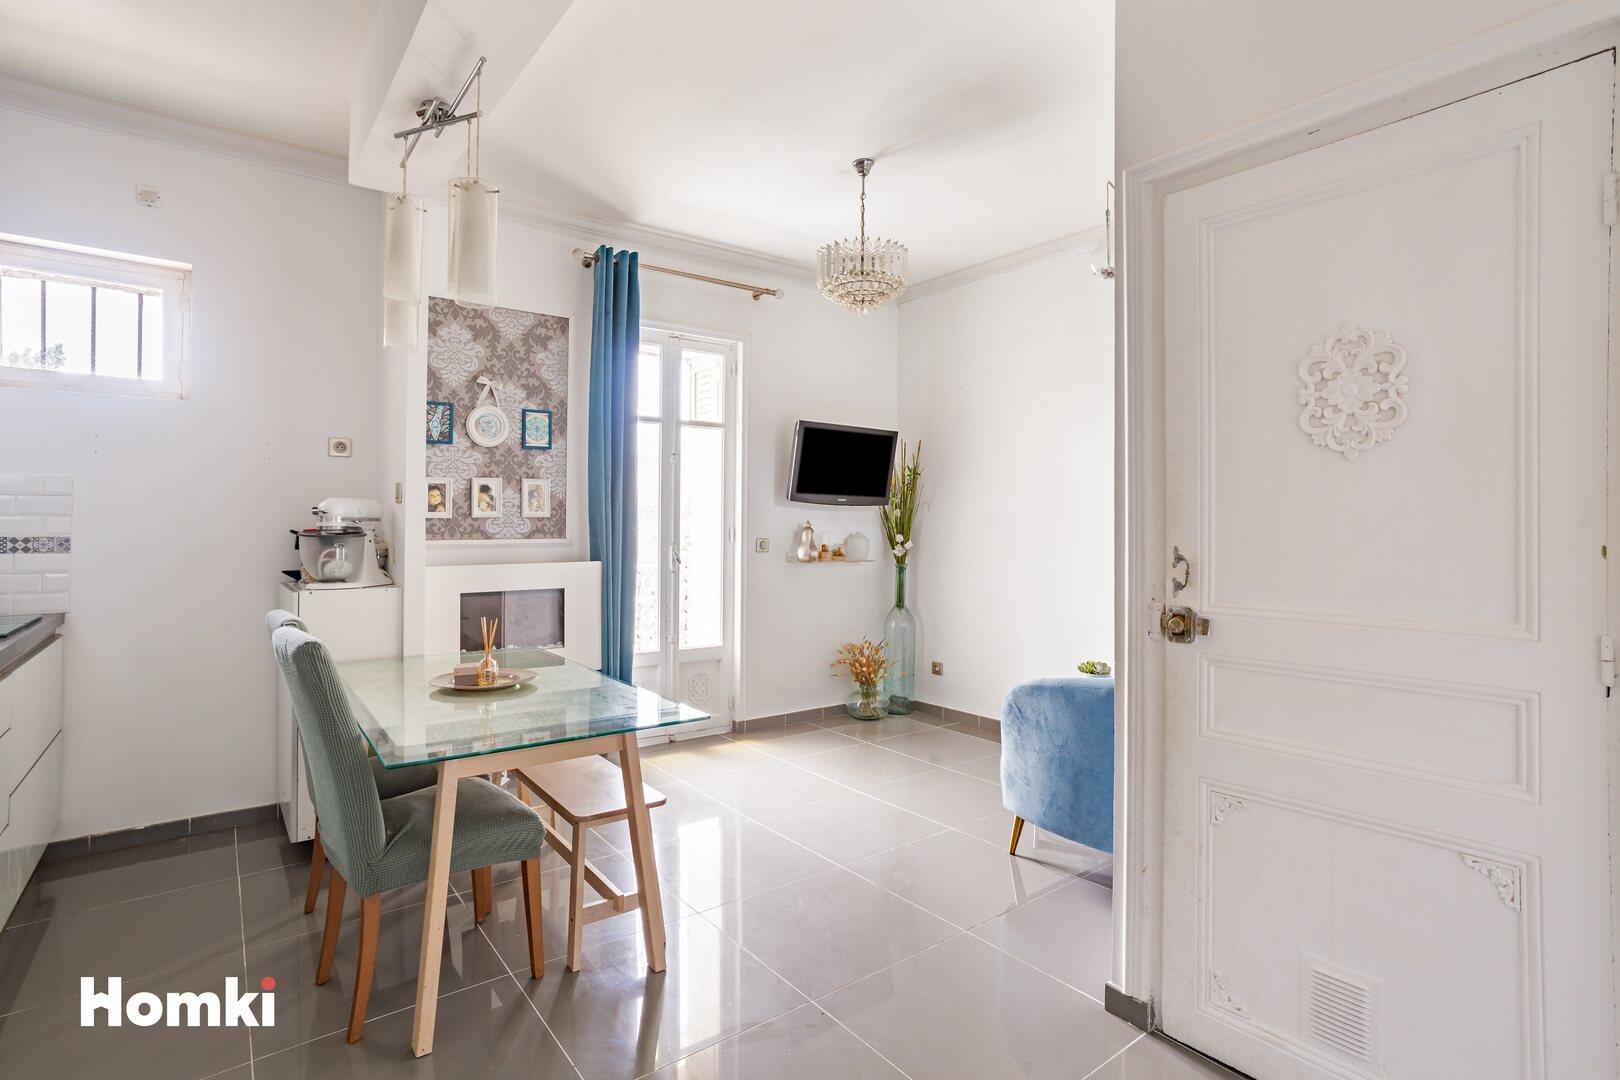 Homki - Vente Maison/villa  de 77.0 m² à Marseille 13008